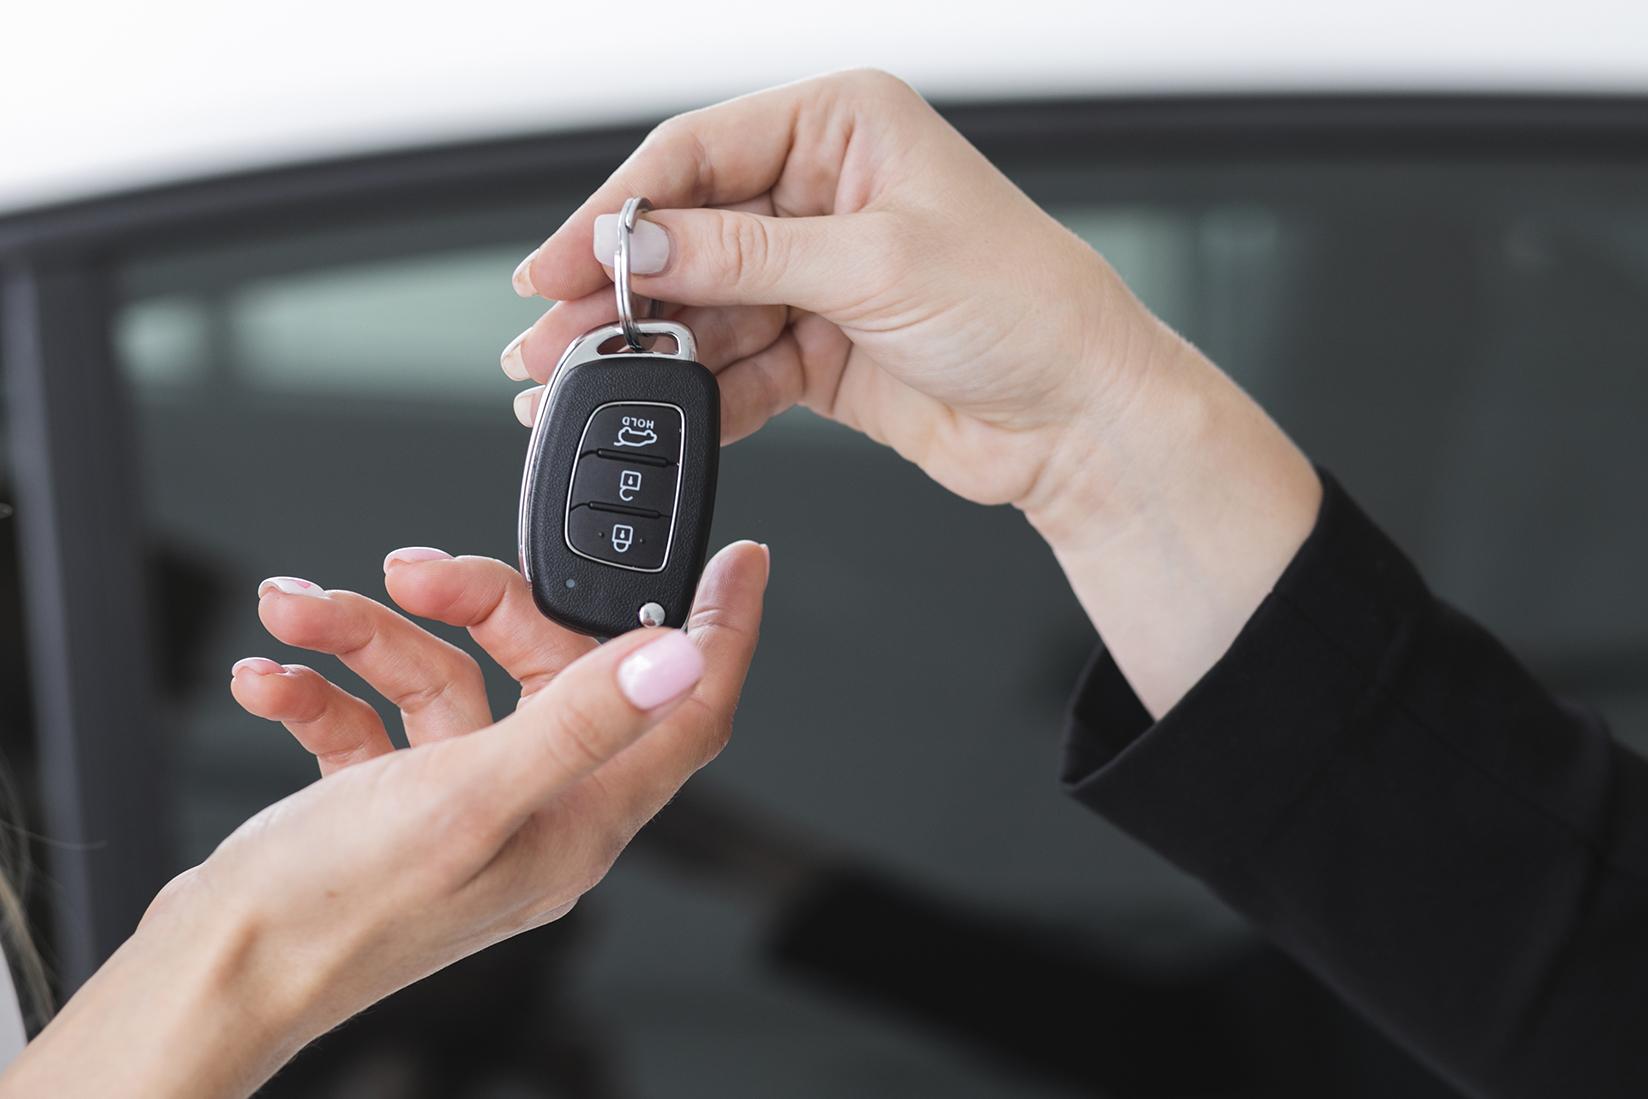 債務整理をする前に車や家の名義を変えたらどうなる?